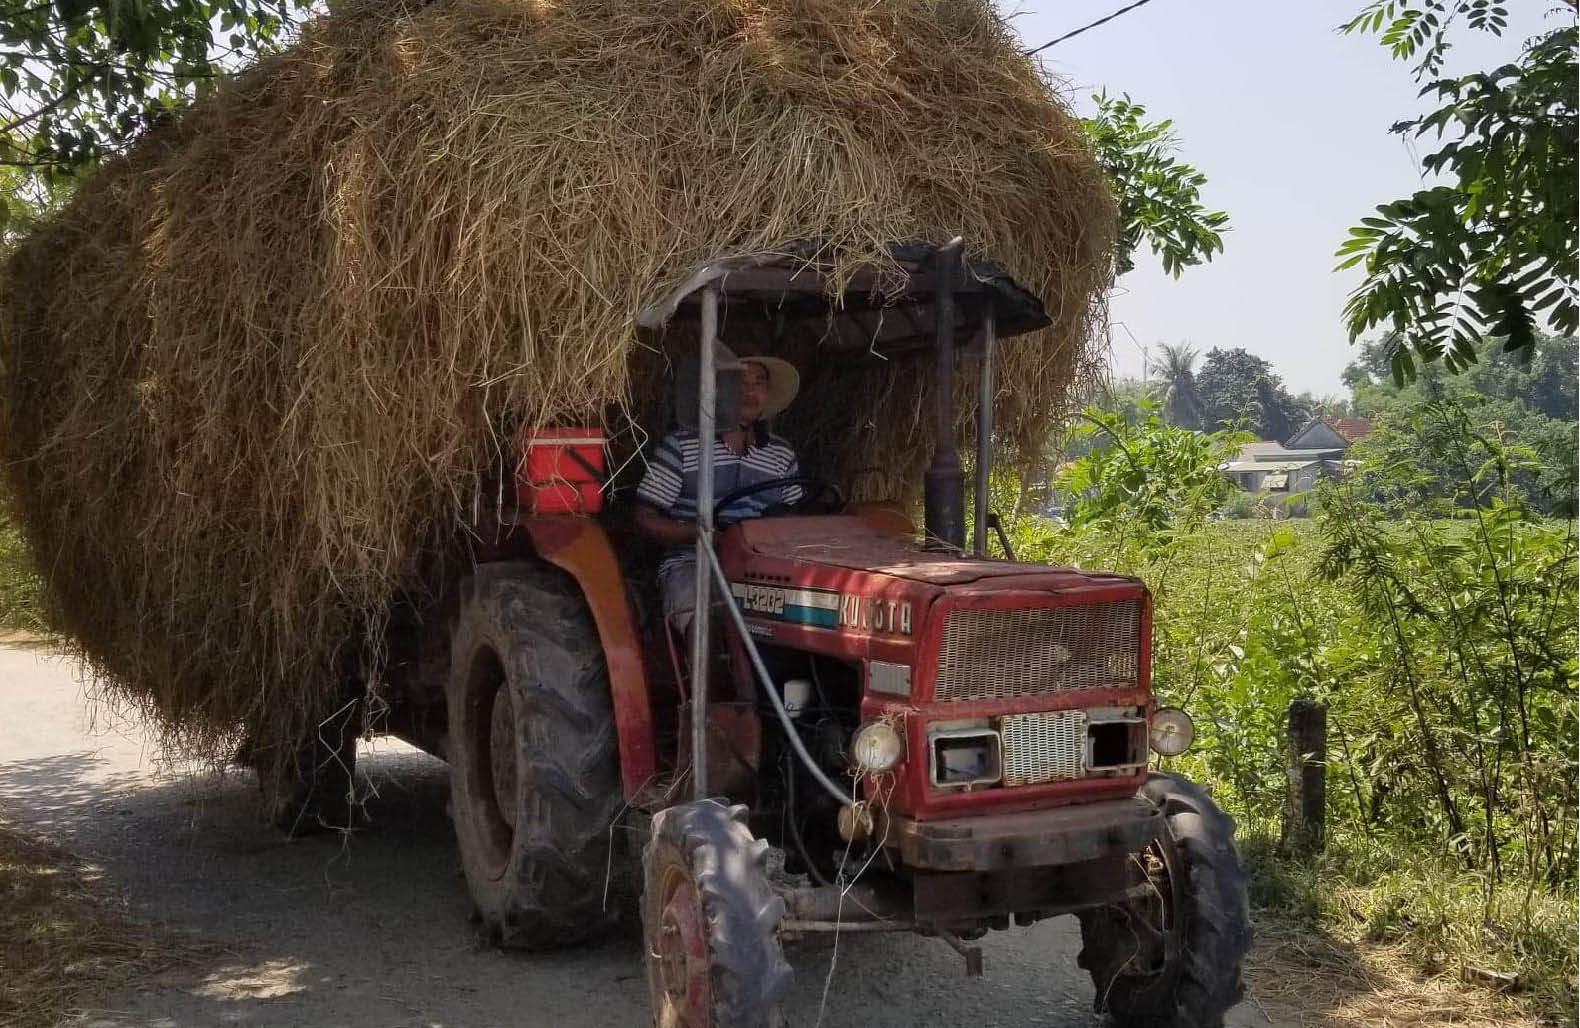 Tái sử dụng nguồn thứ phẩm trong sản xuất nông nghiệp